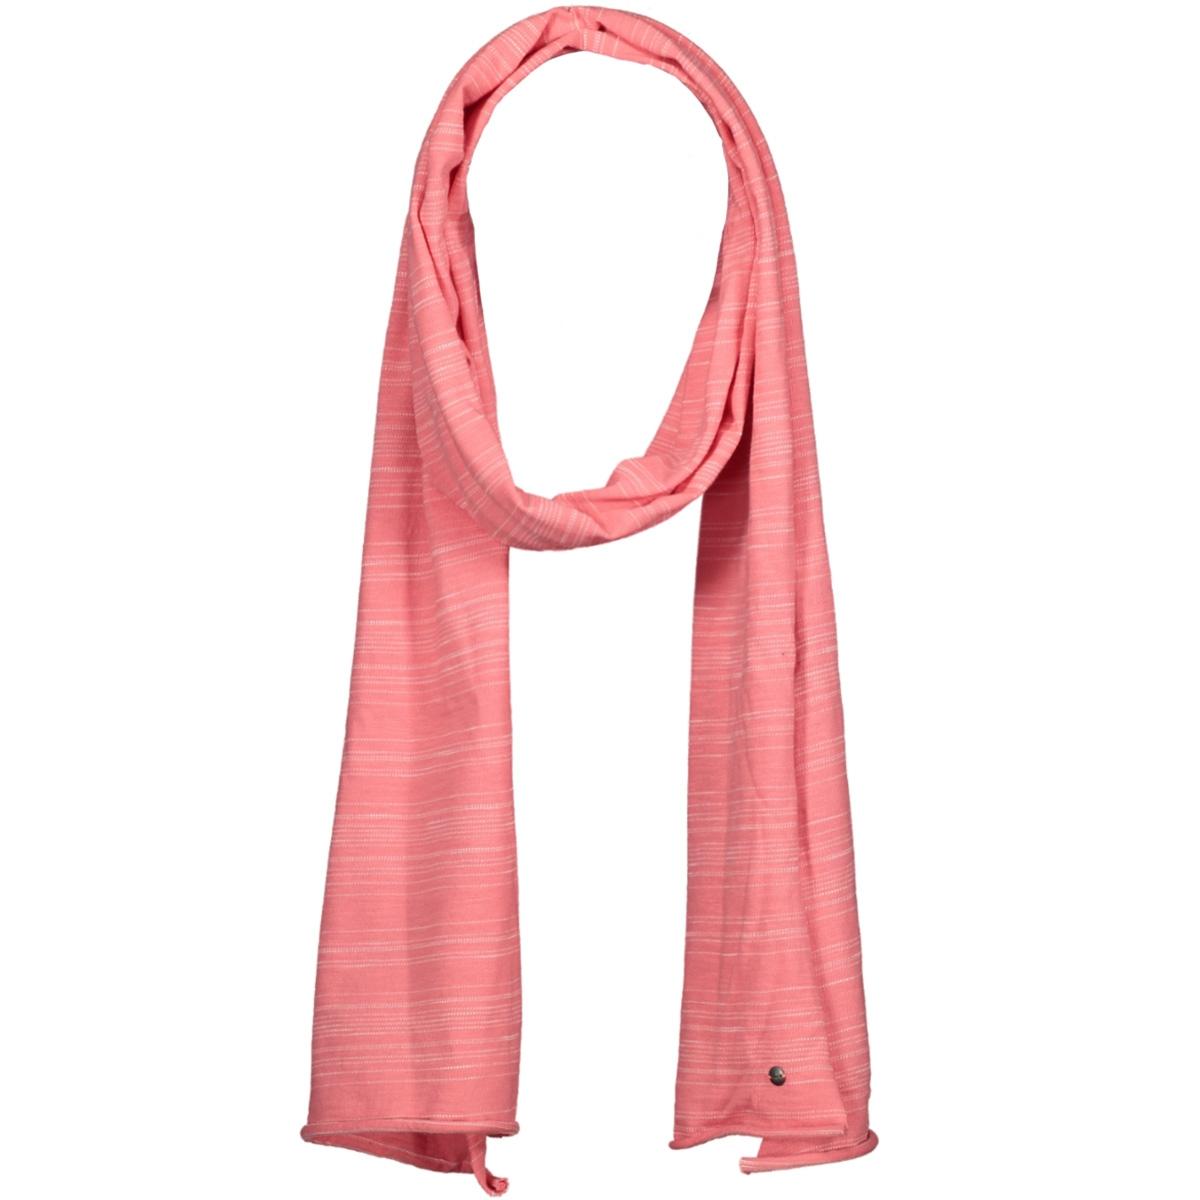 sjaal met subtiel streep patroon 28001331 sandwich sjaal 75078